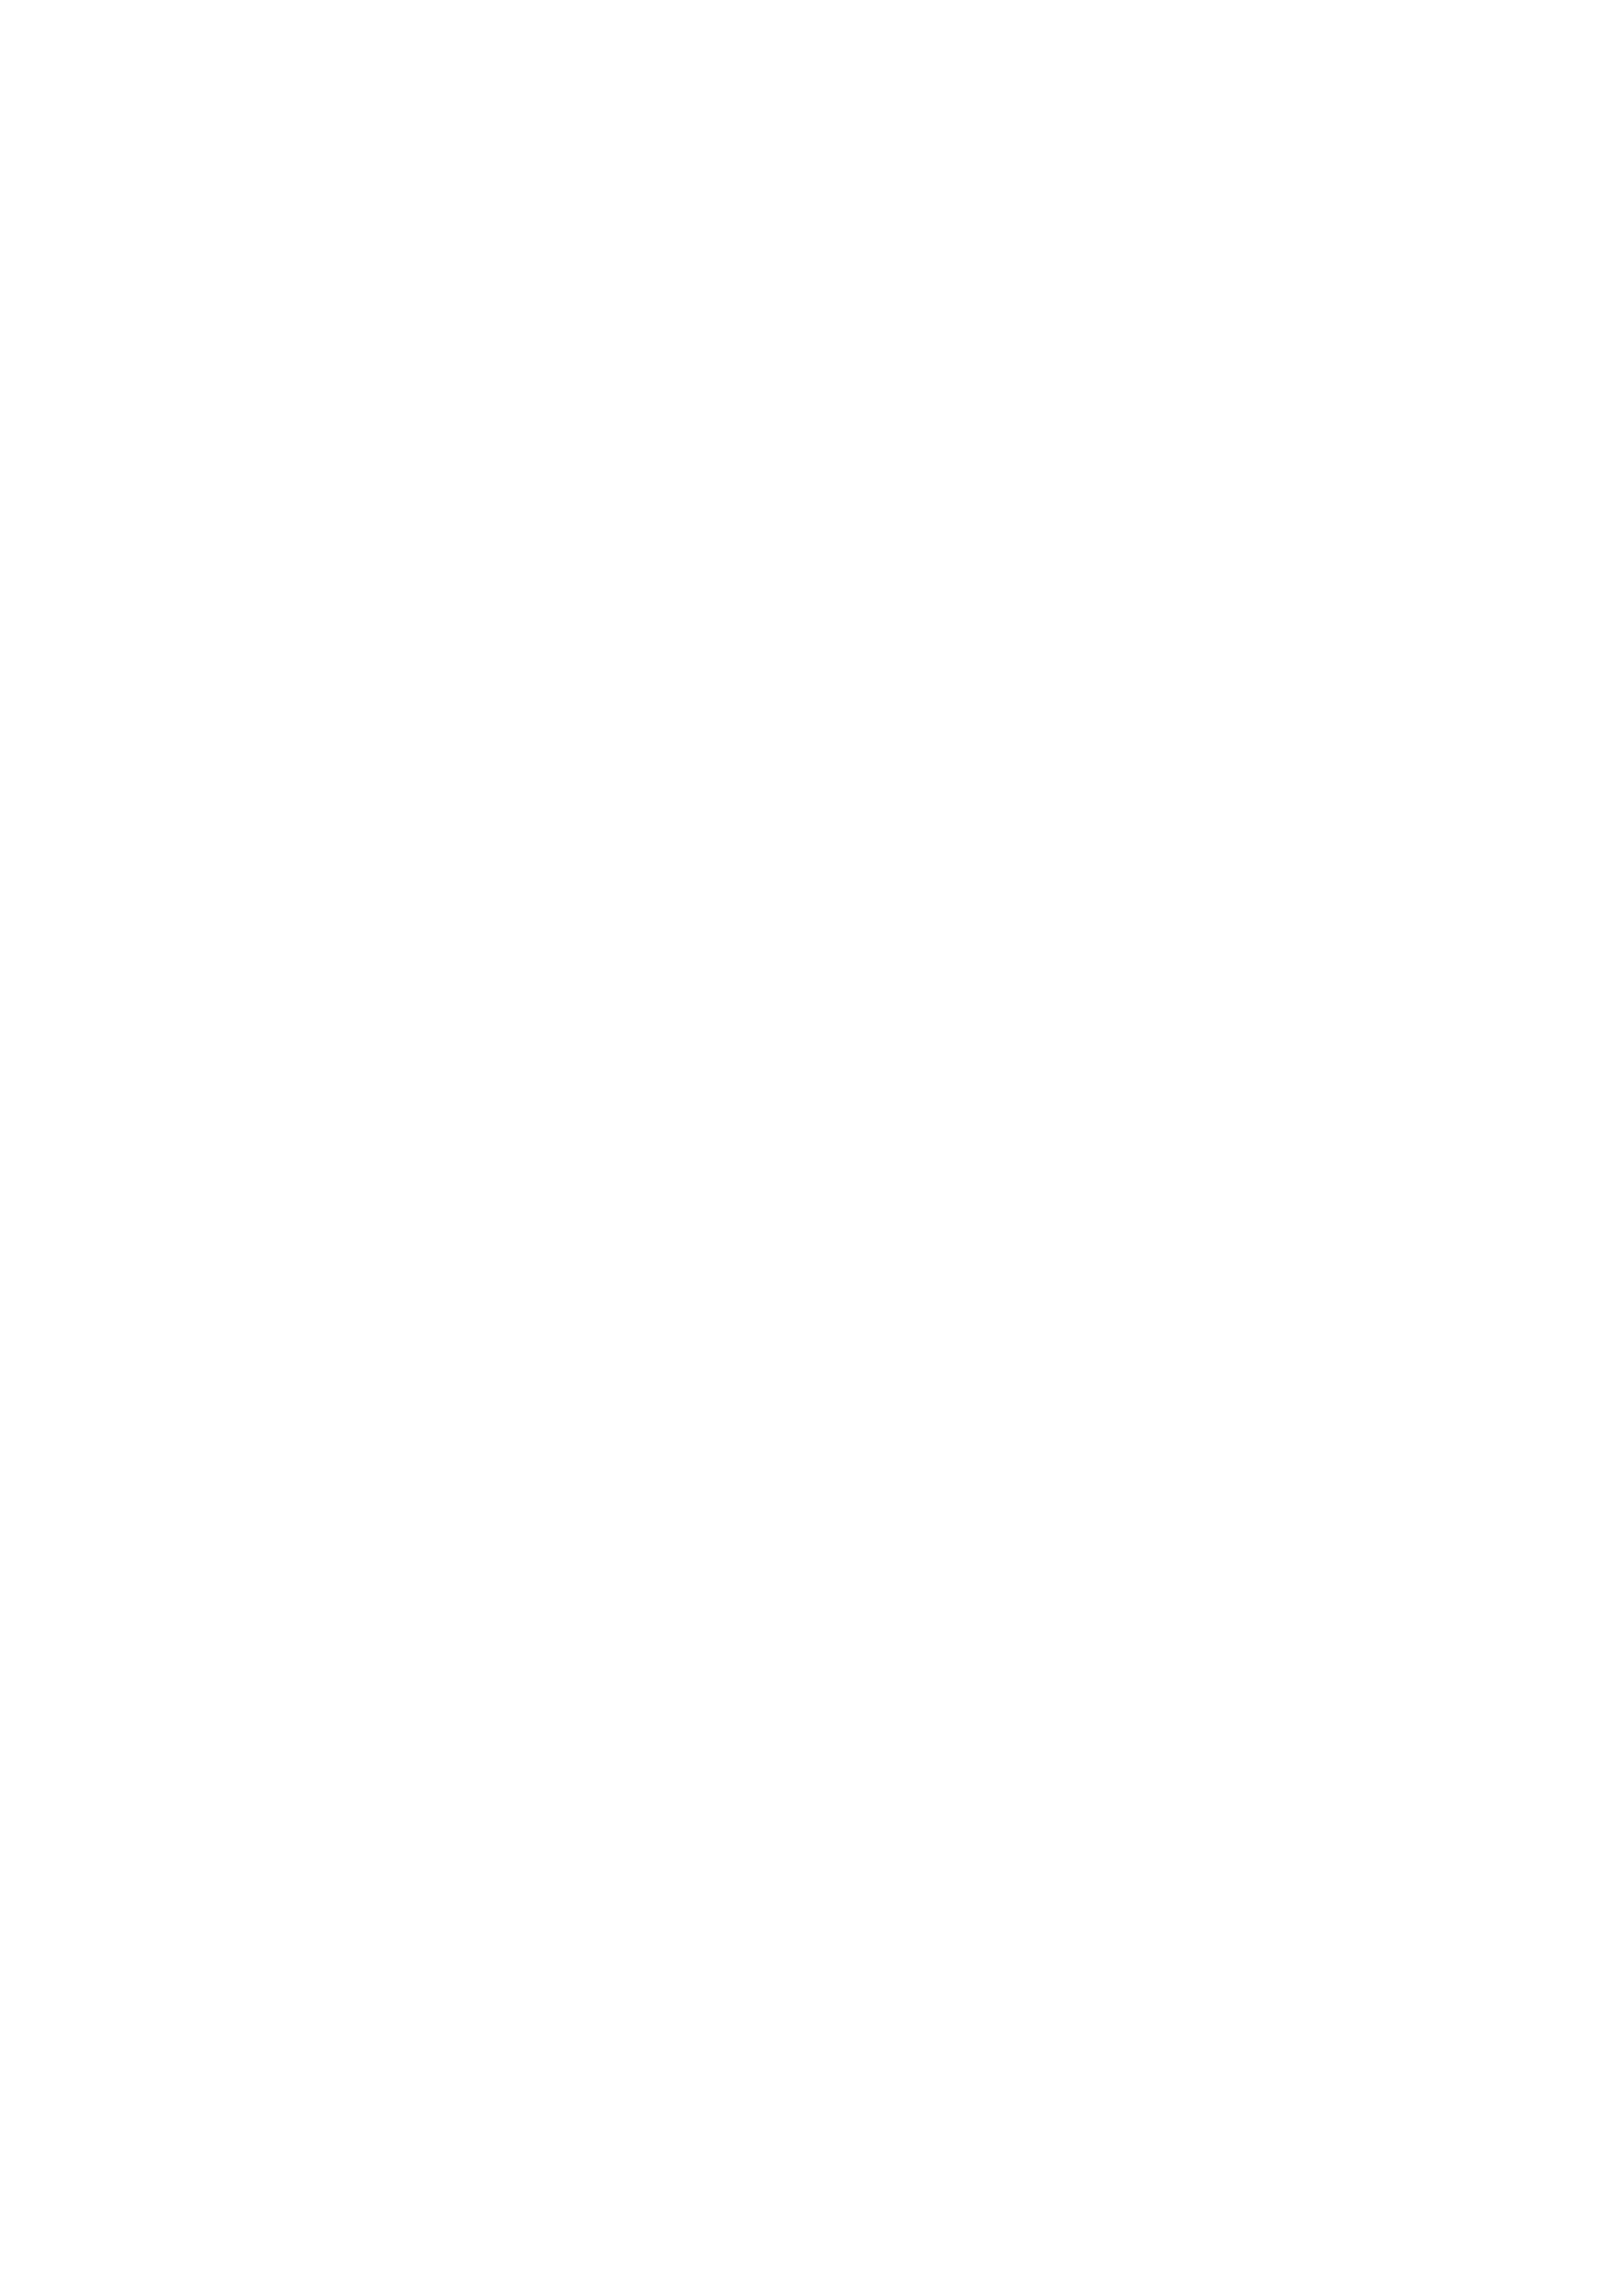 Samsonite - offerte valide dal 01.03.2020 al 31.12.2020 - pagina 2.